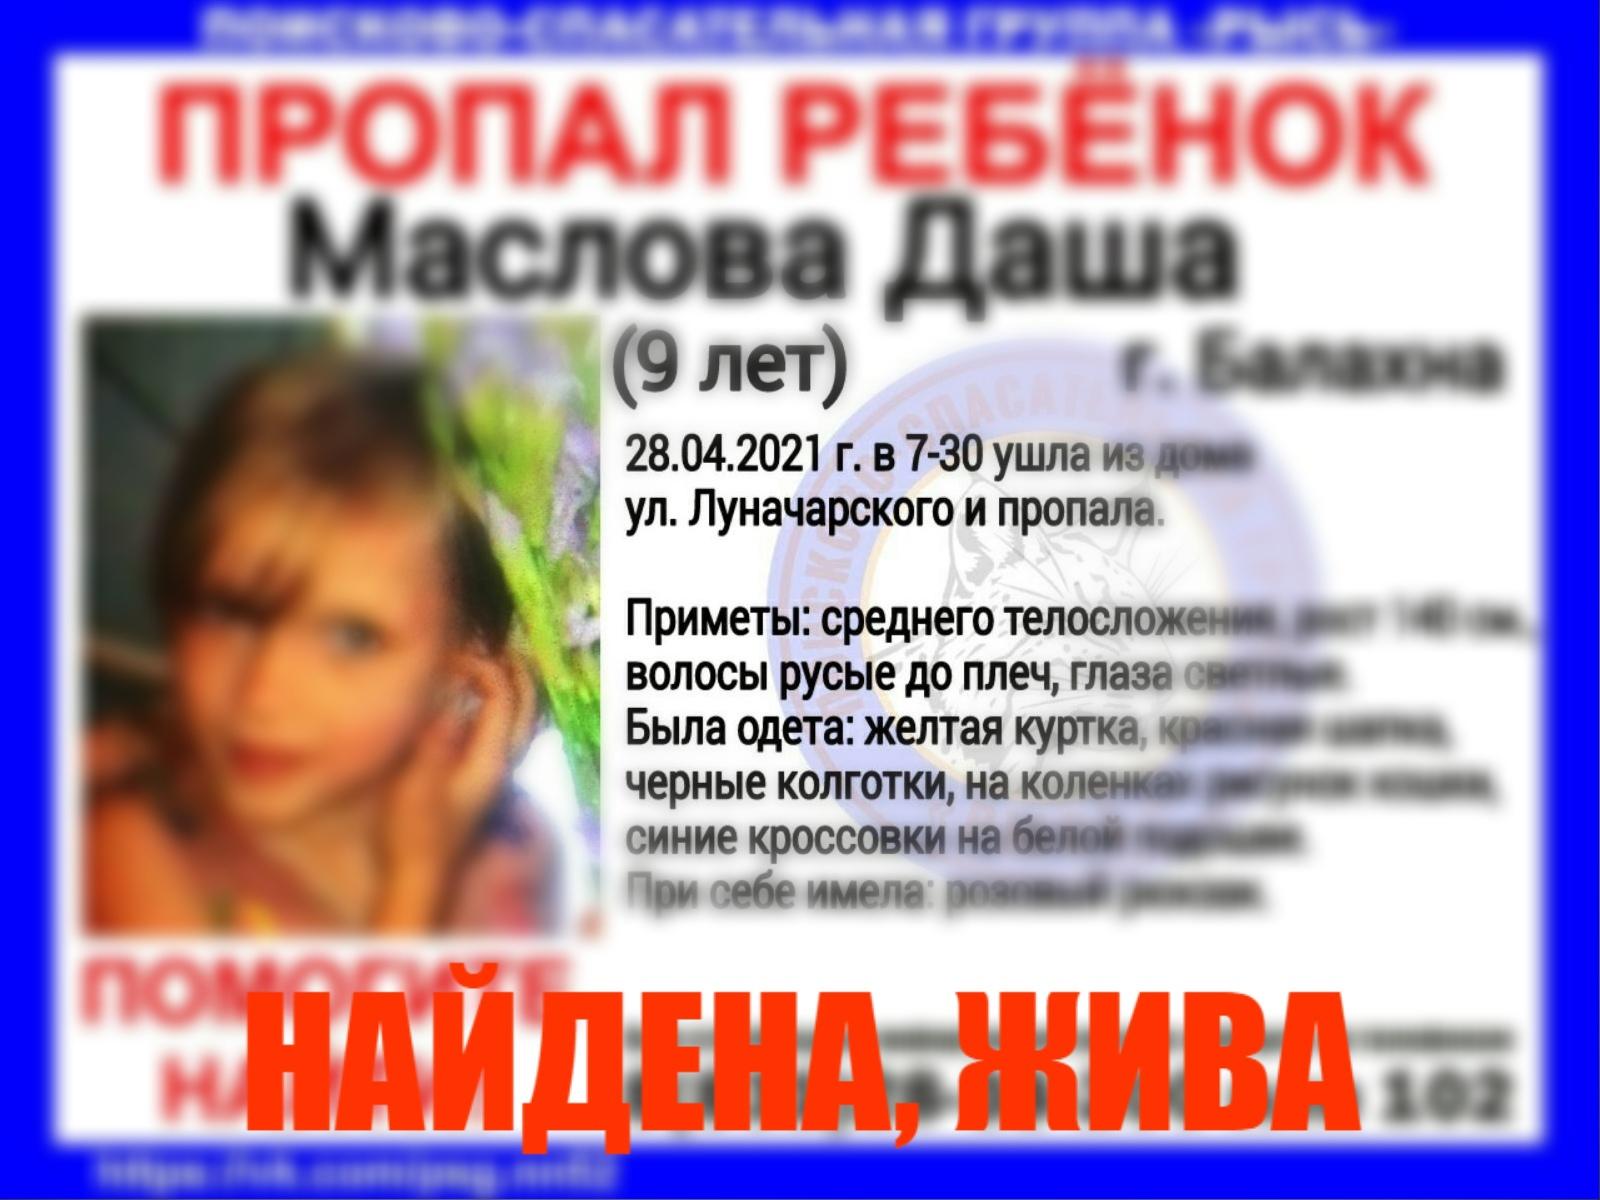 Маслова Даша, 9 лет, г. Балахна